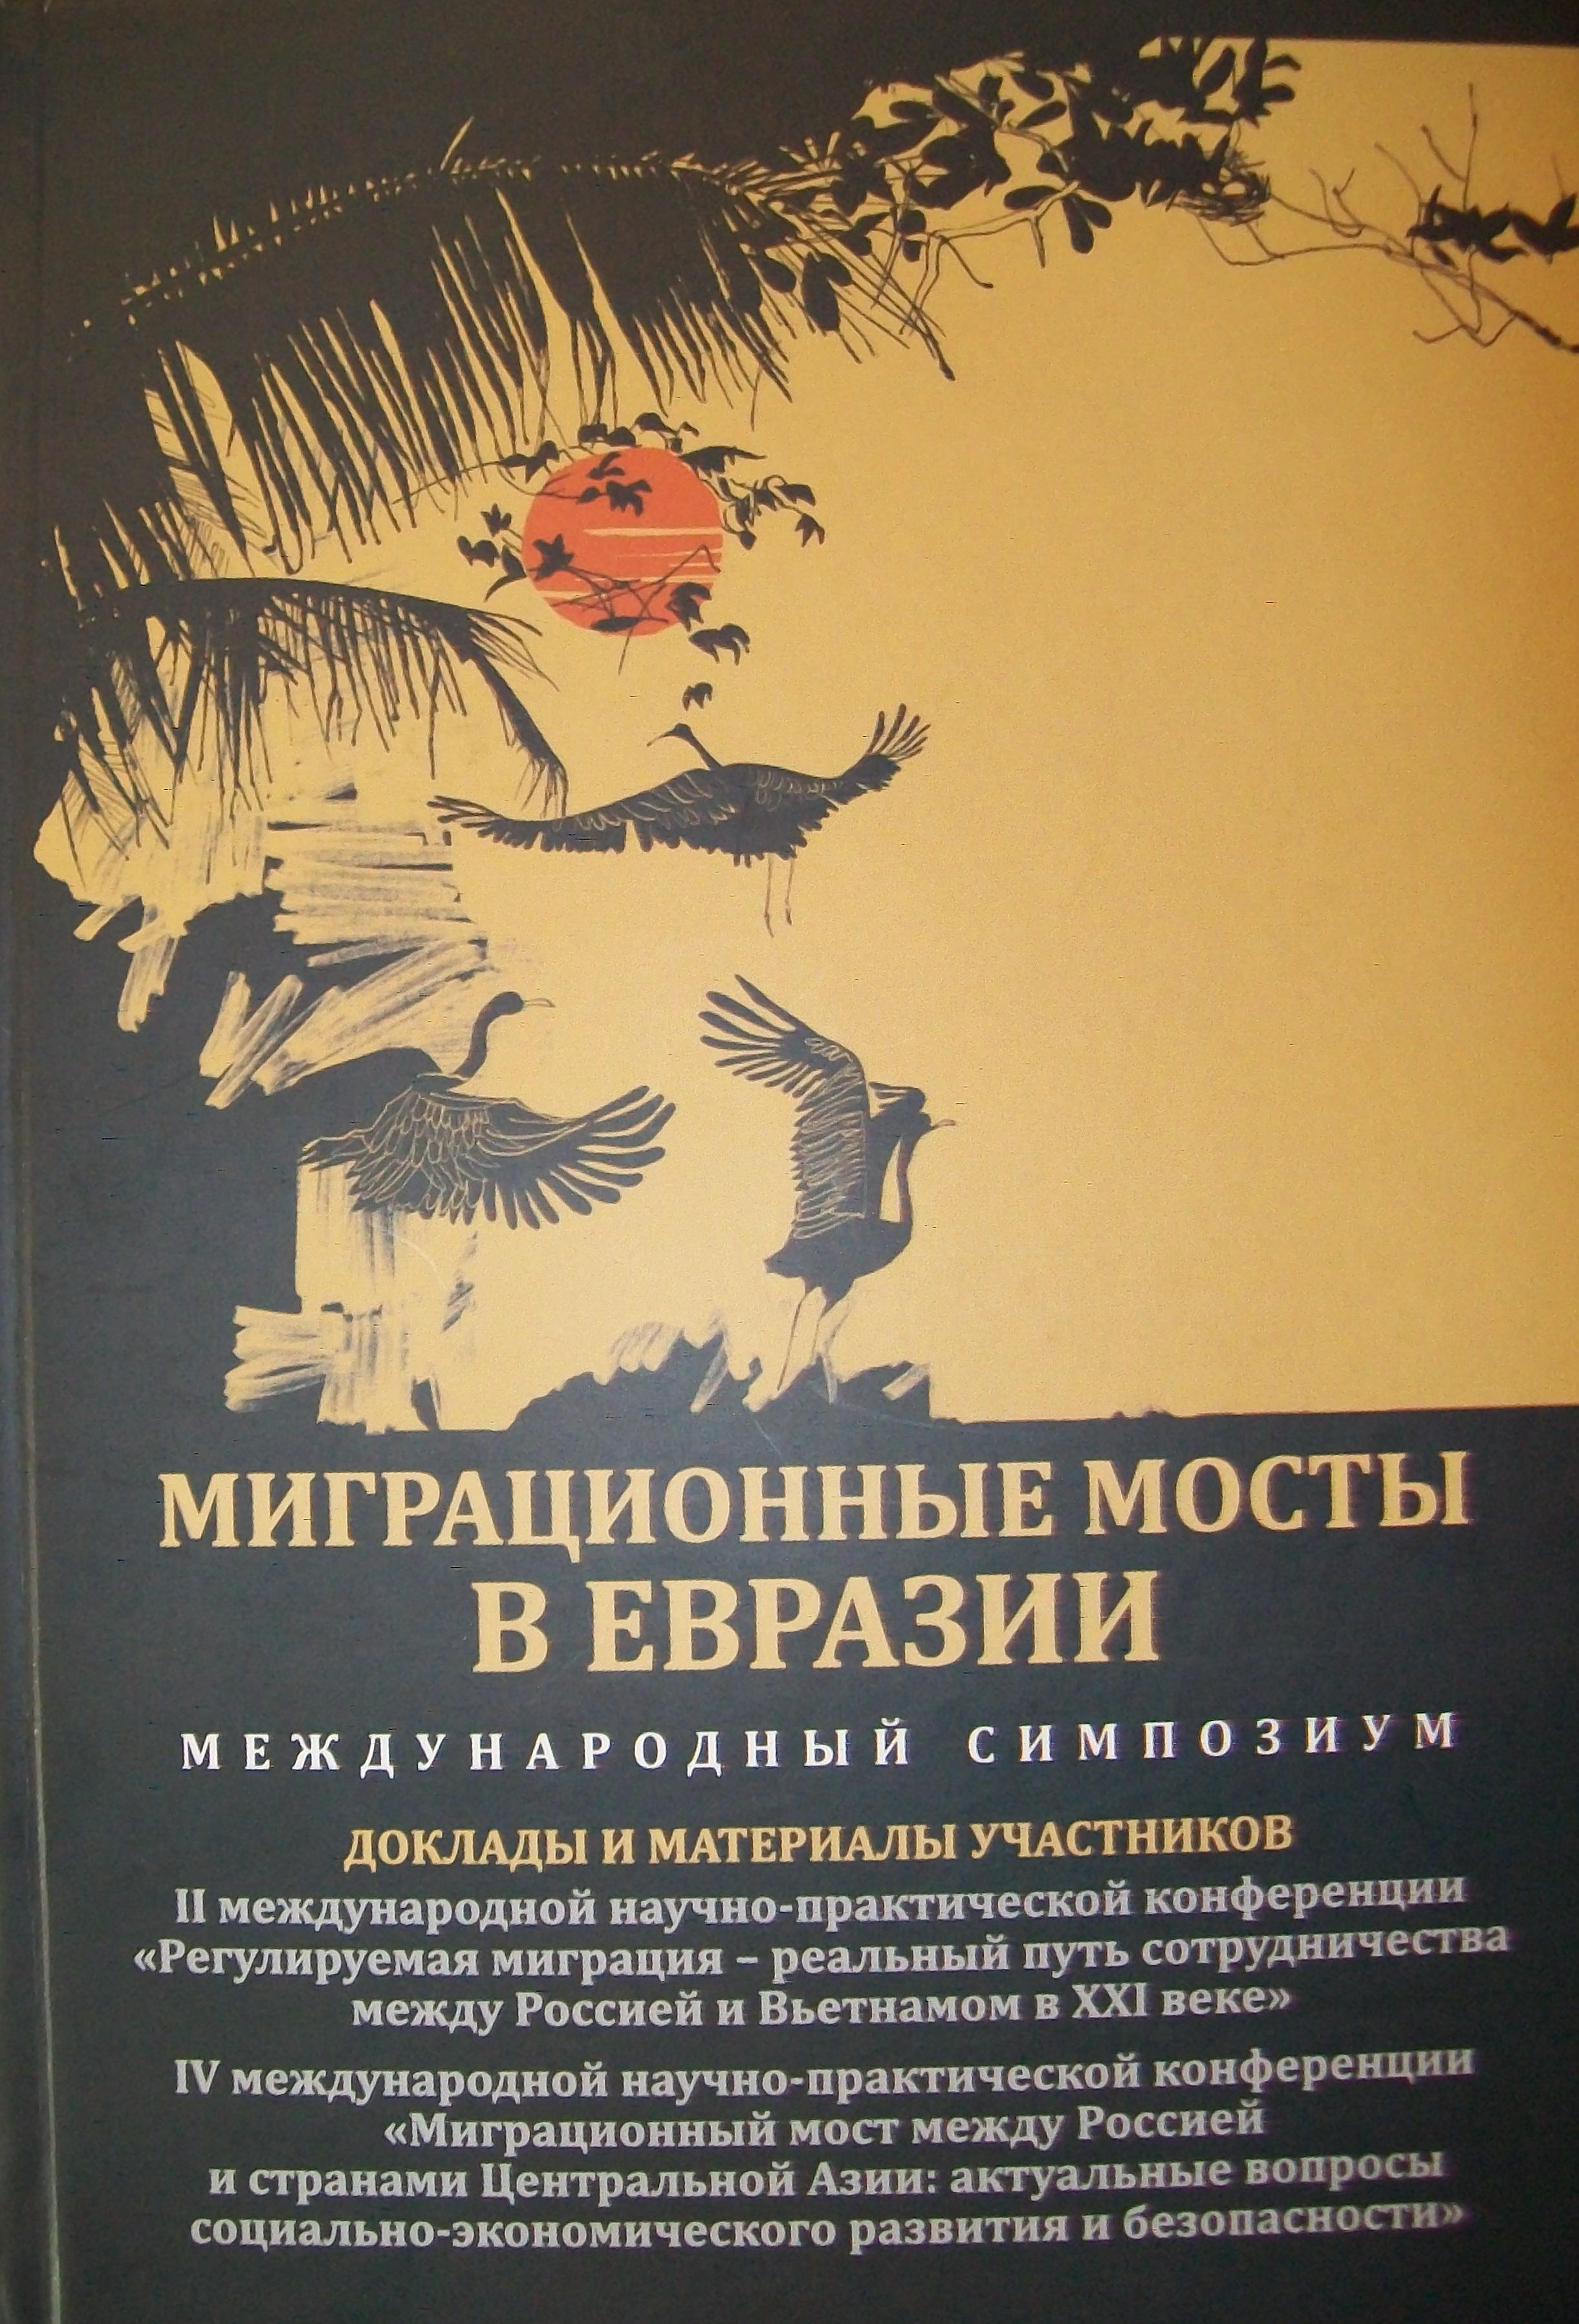 Направления, масштабы и социально-экономические факторы внутренней миграции населения России